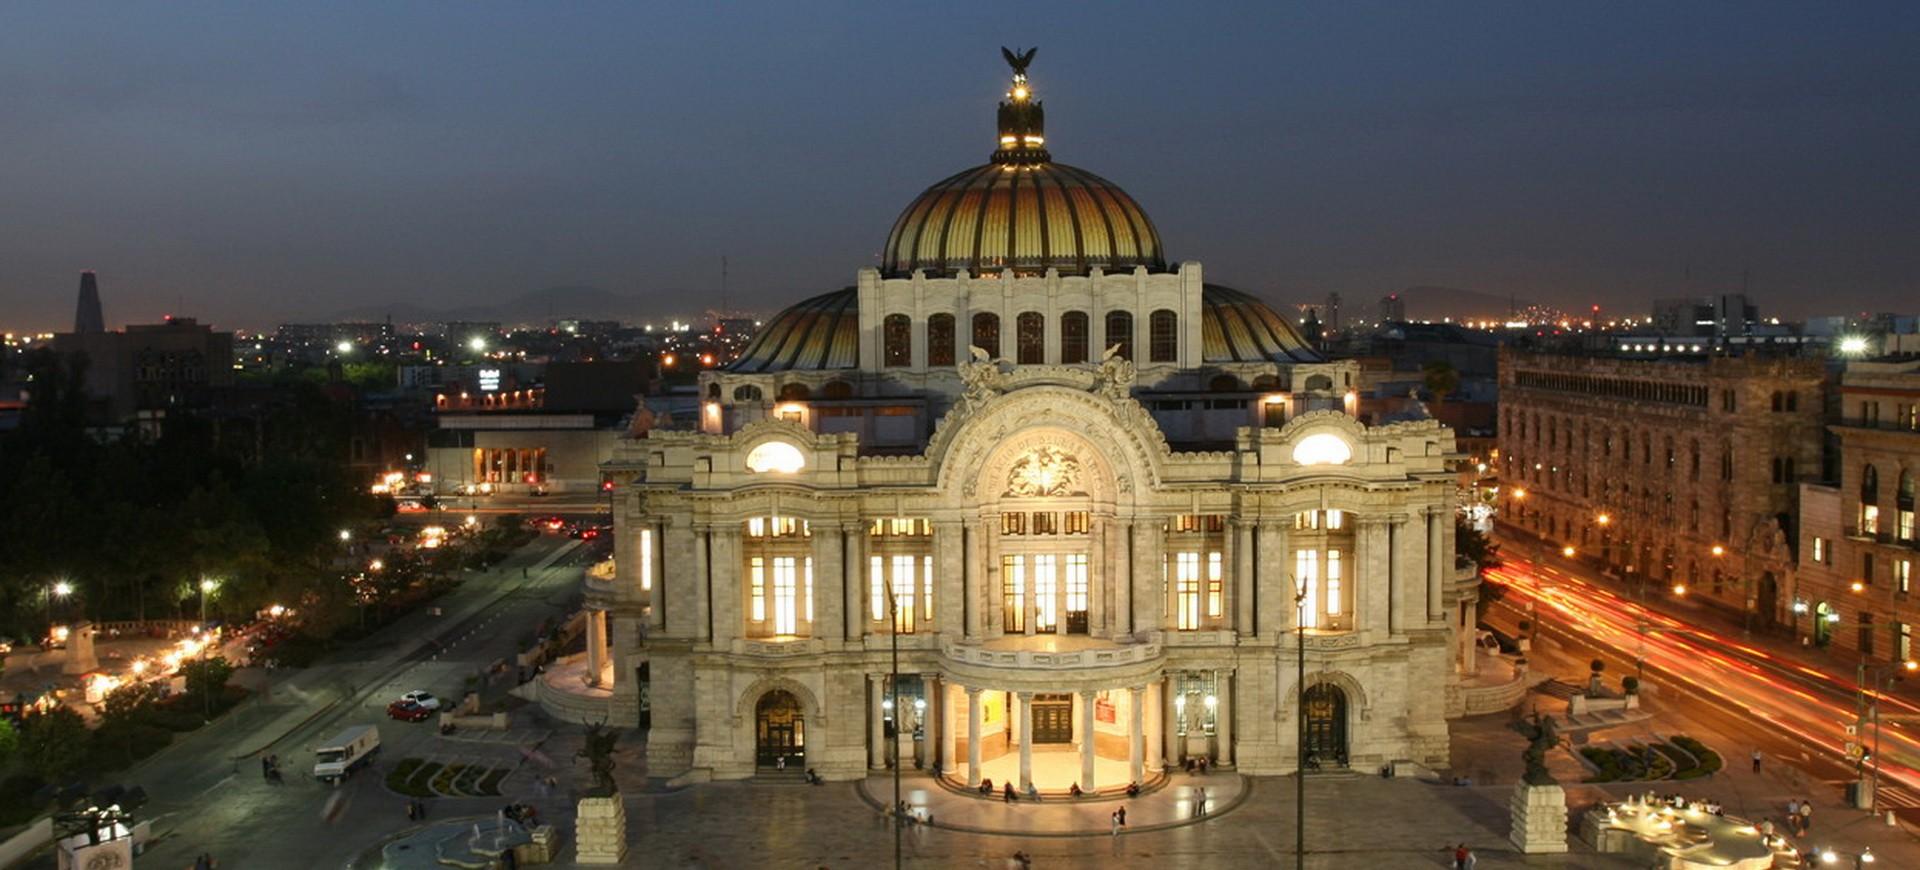 Palais des Beaux Arts à Mexico au Mexique en Amérique Centrale